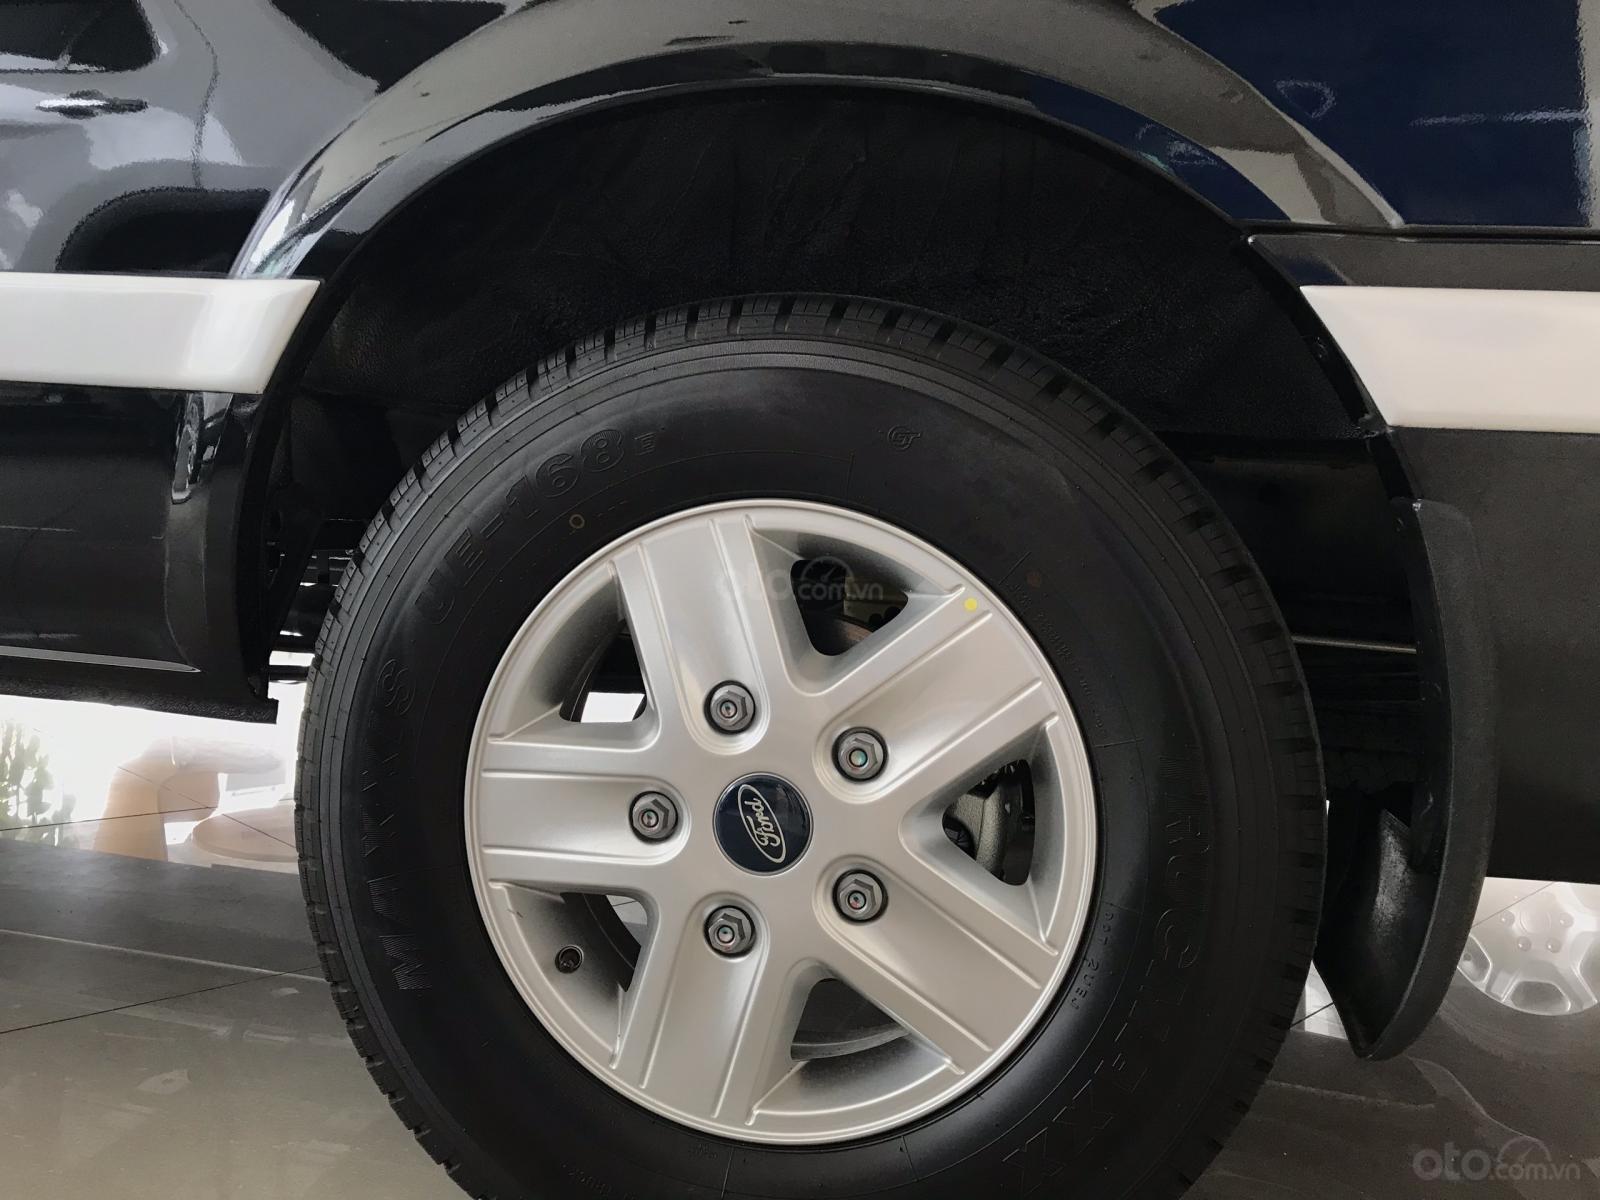 Ford Transit Limited Đời [2018-2019], hỗ trợ vay 80-90%, lãi suất 0.6%, LH 090909.9106-3